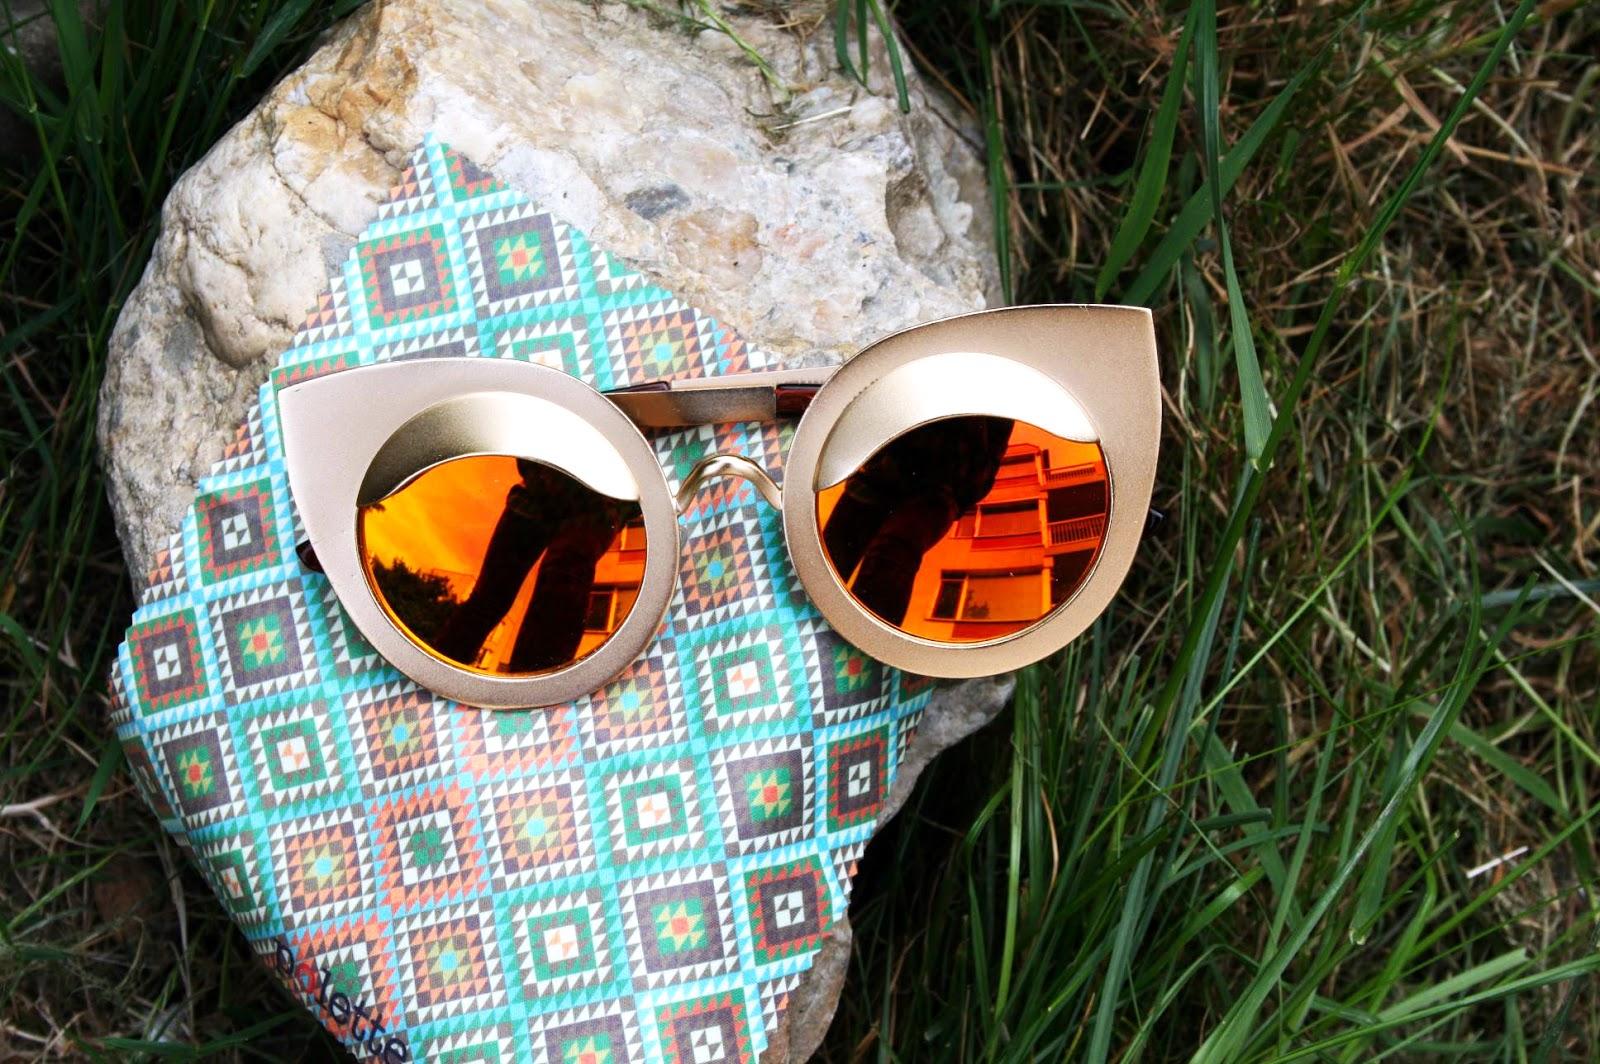 polette sunglasses review fashion blog blogger www.quitealooker.com